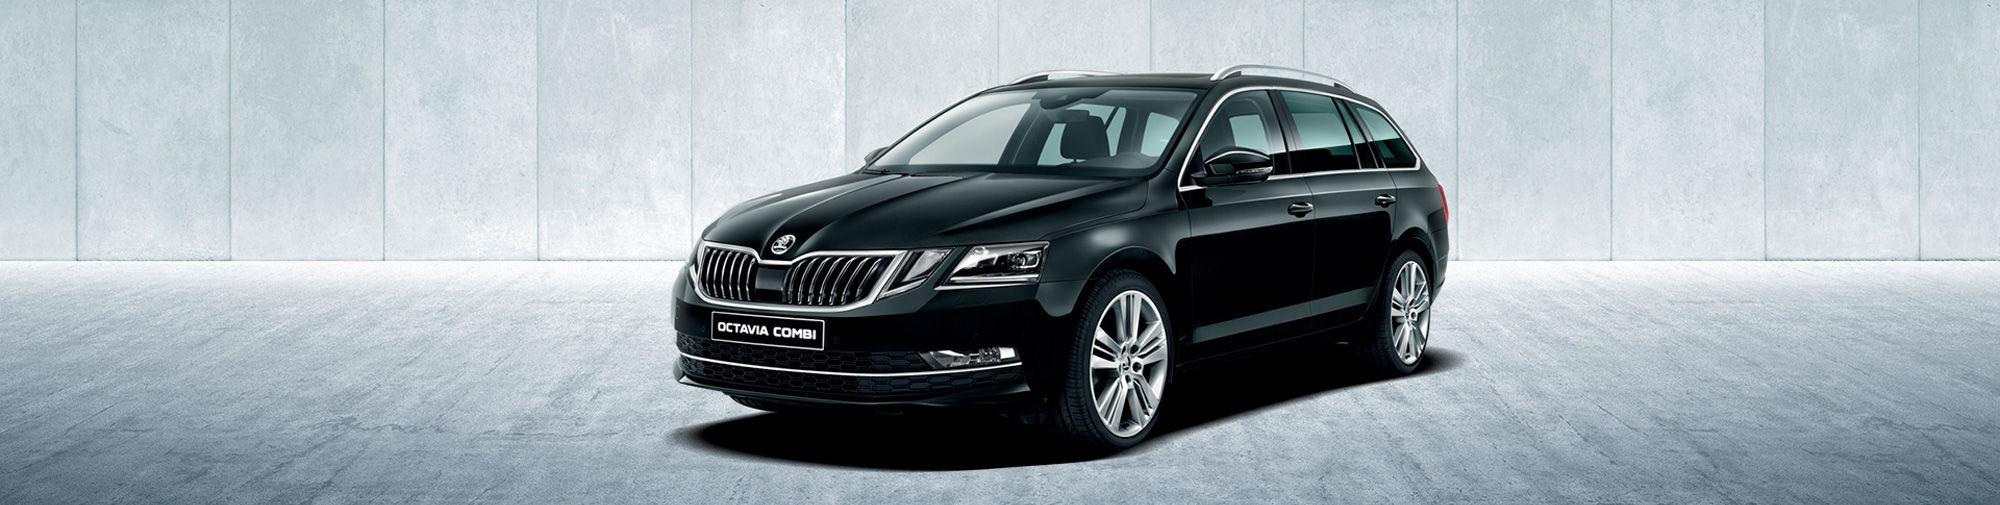 Uusi Škoda Octavia